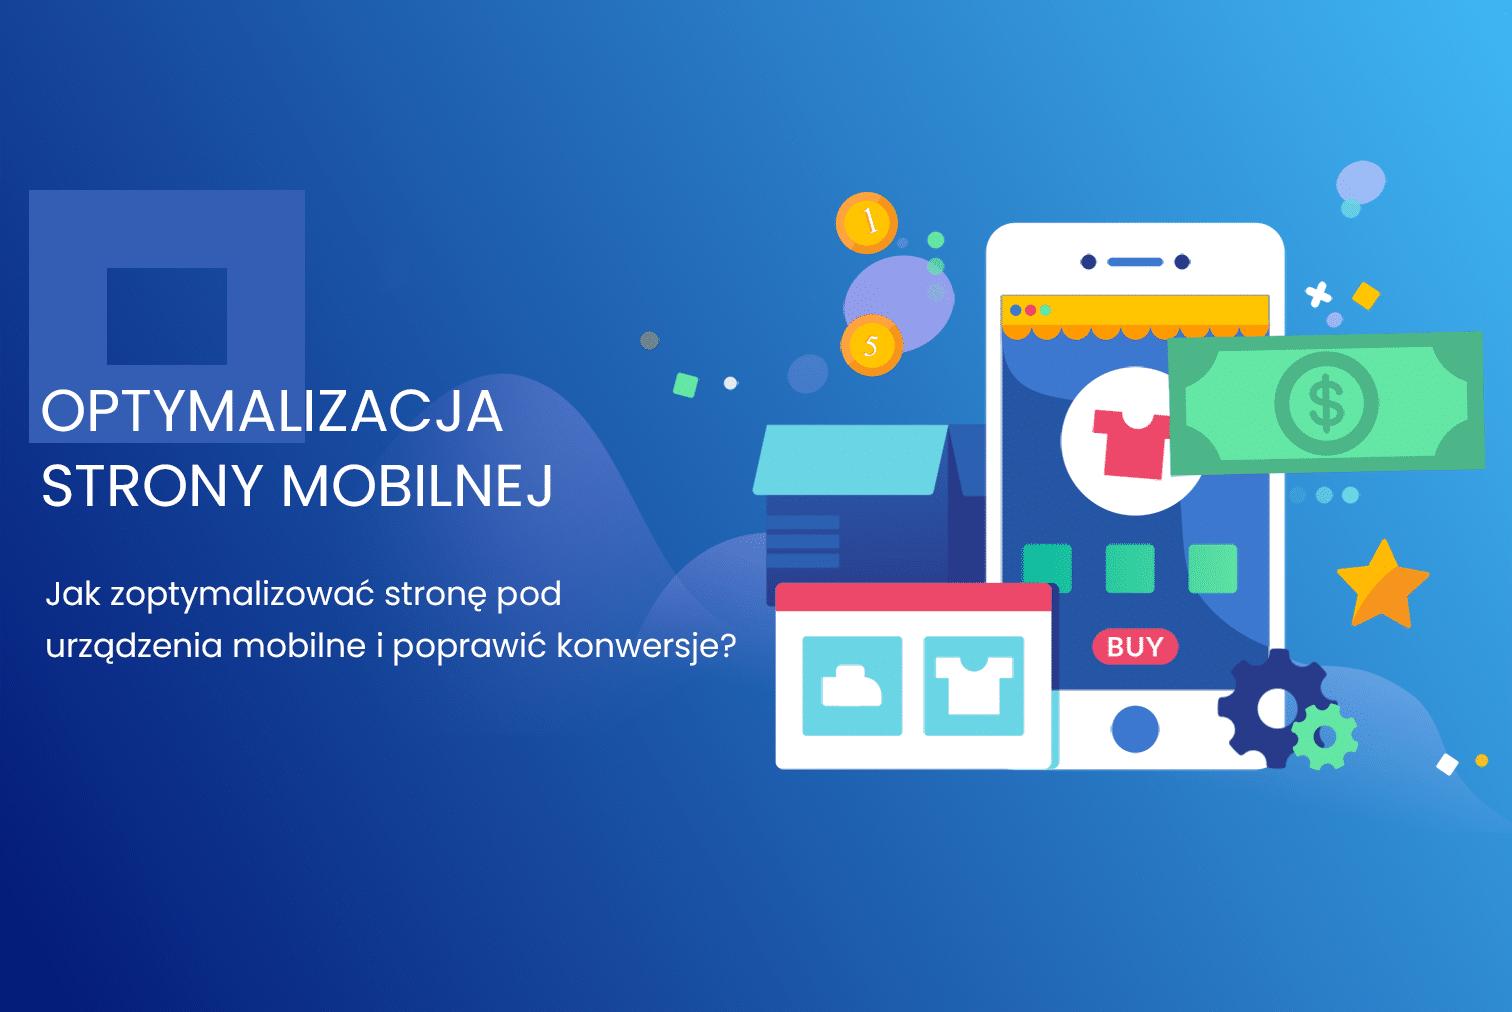 optymalizacja strony pod urządzenia mobilne i poprawa konwersji